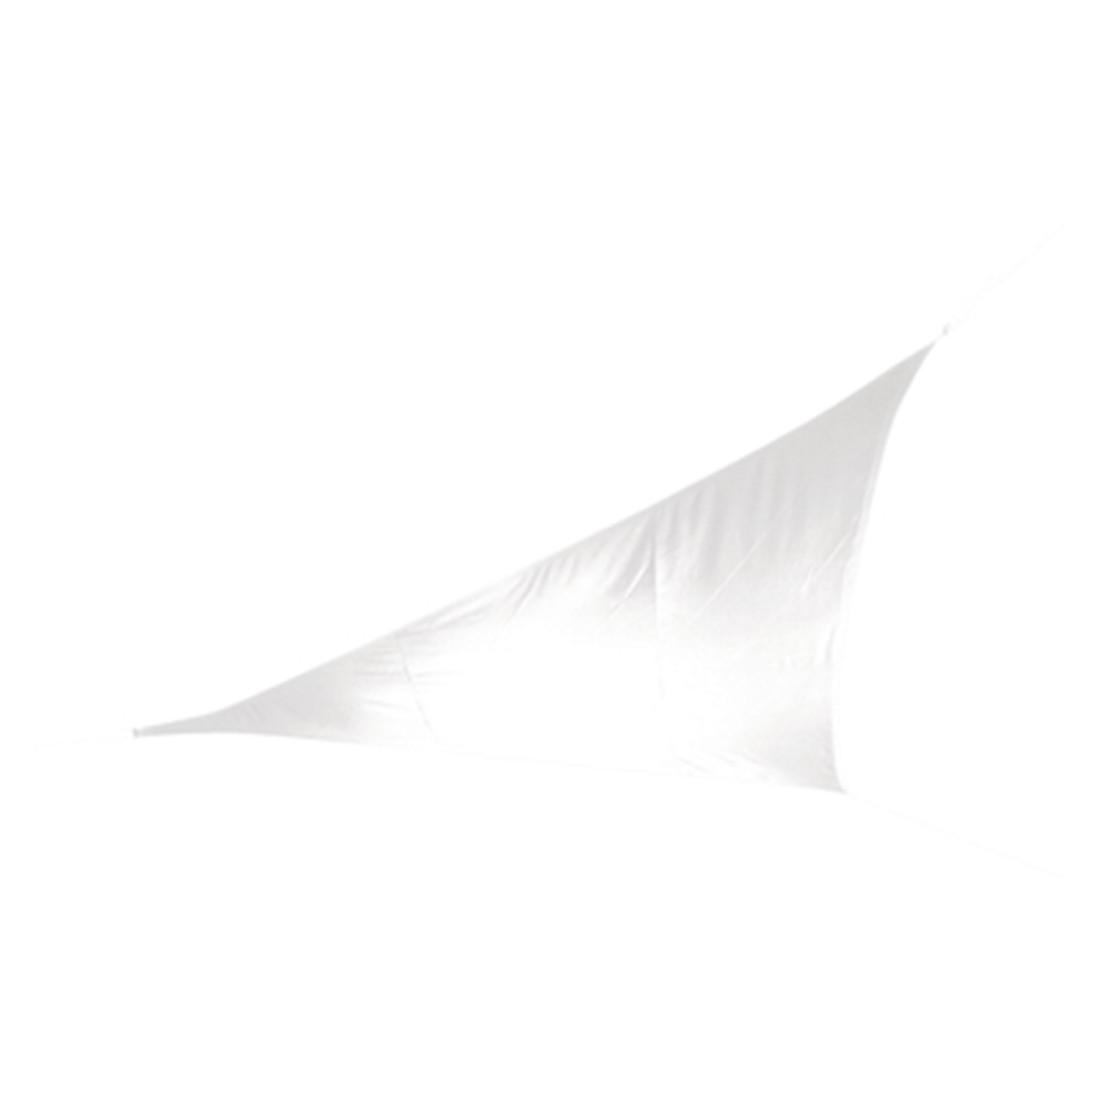 Sonnensegel - Polyester - Weiß - 500 x 500 x 500, Doppler